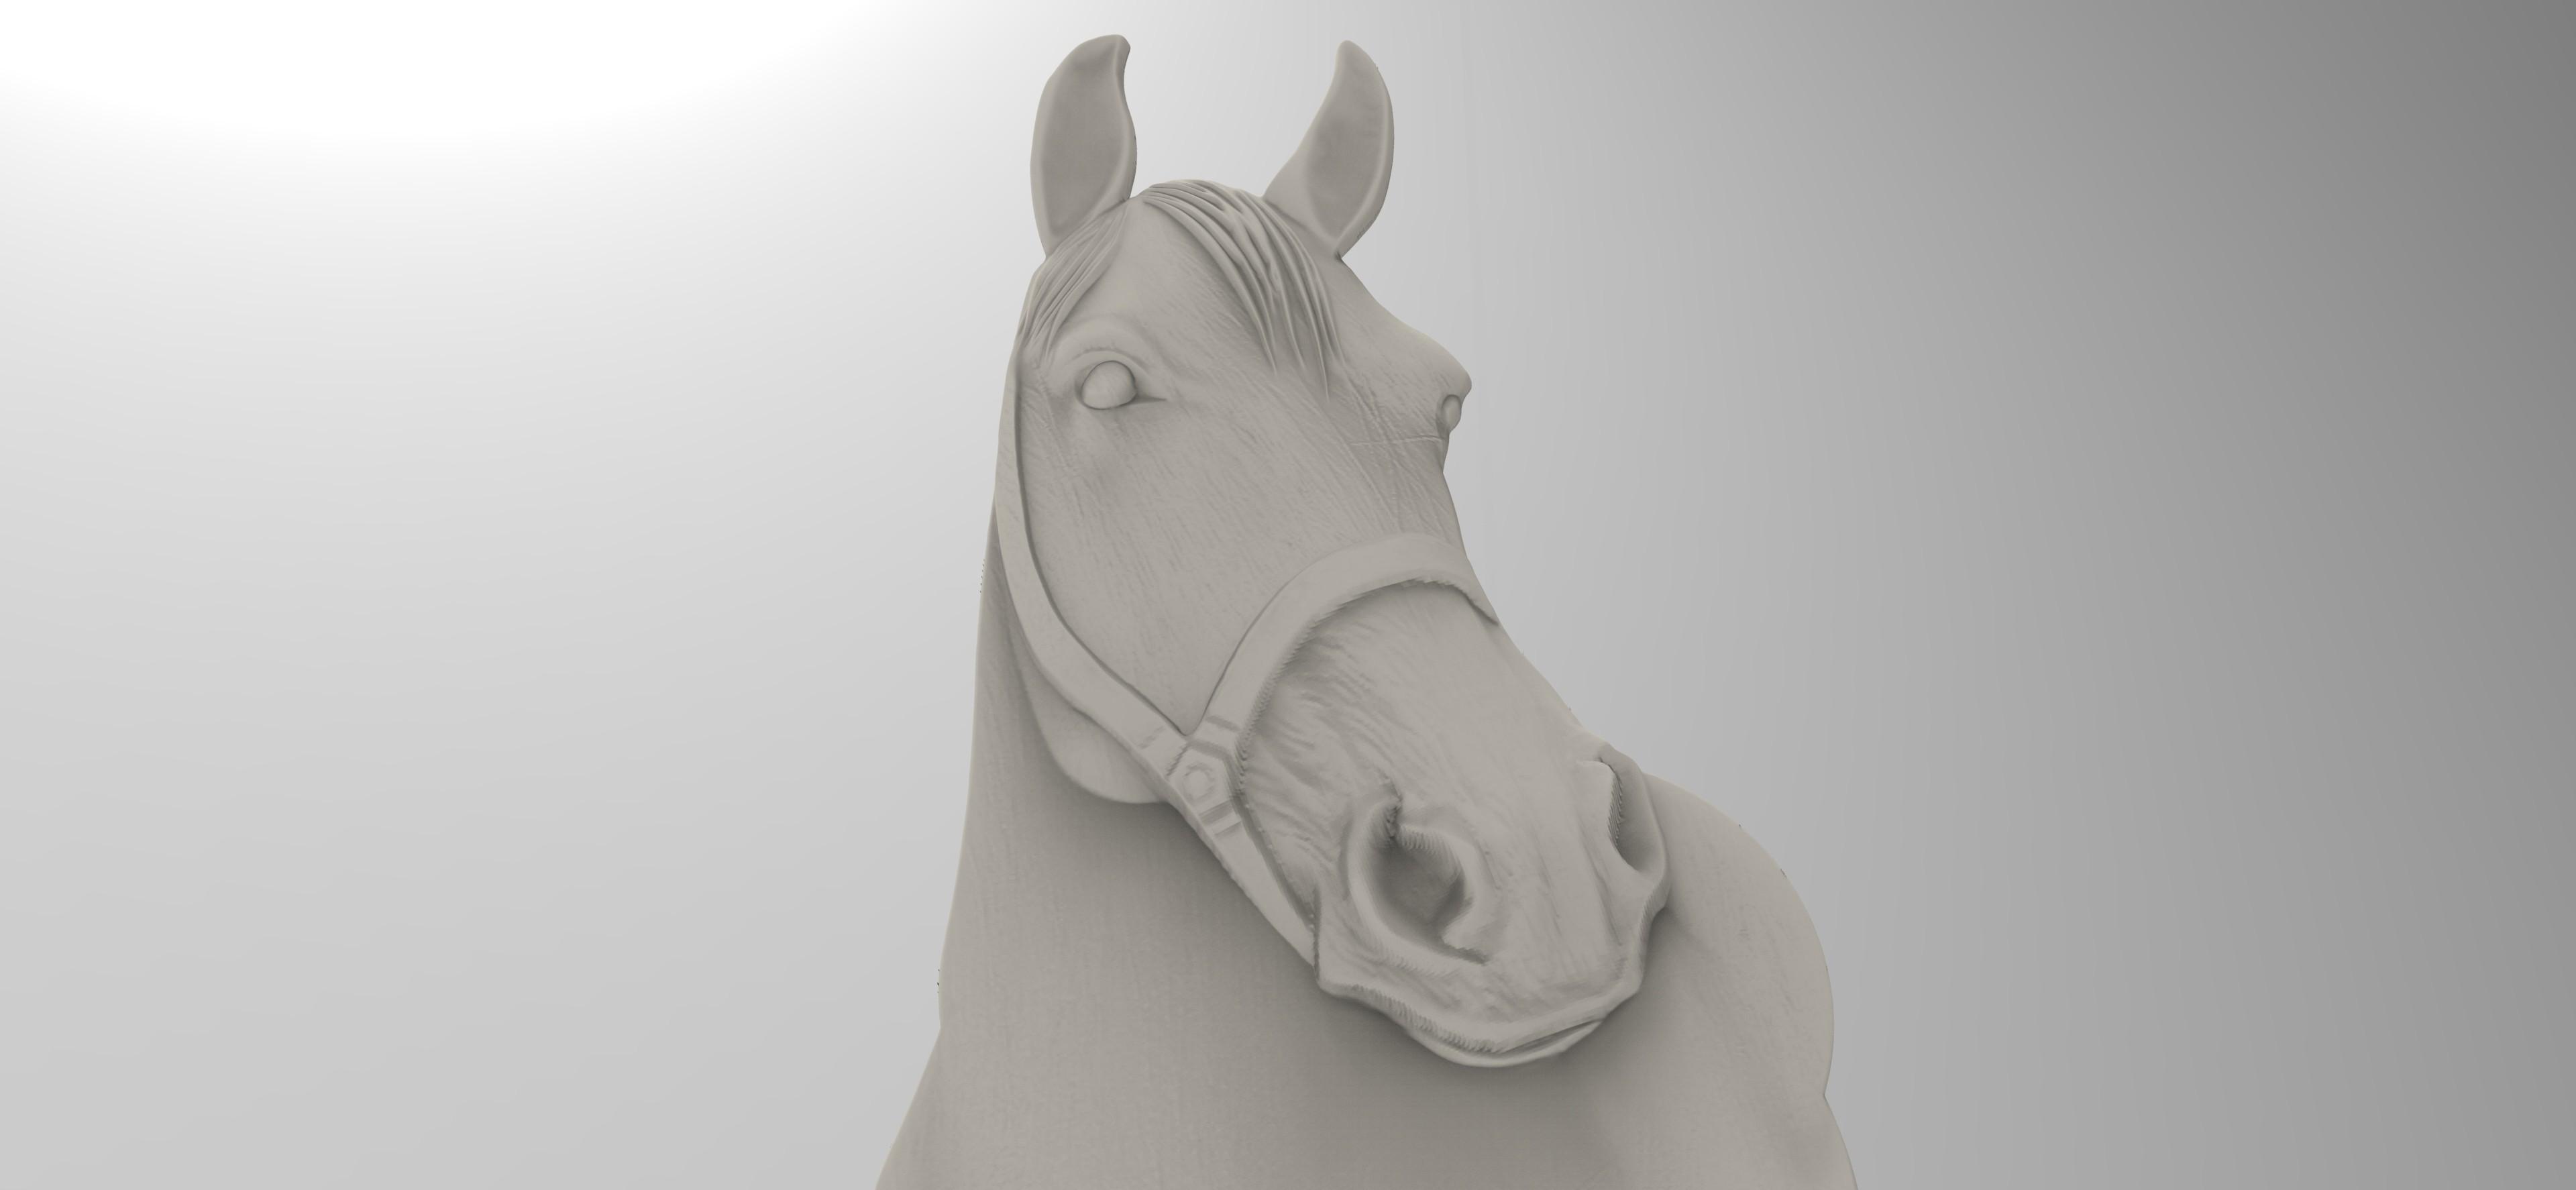 untitled.99.jpg Download STL file horse • 3D print design, Mooos